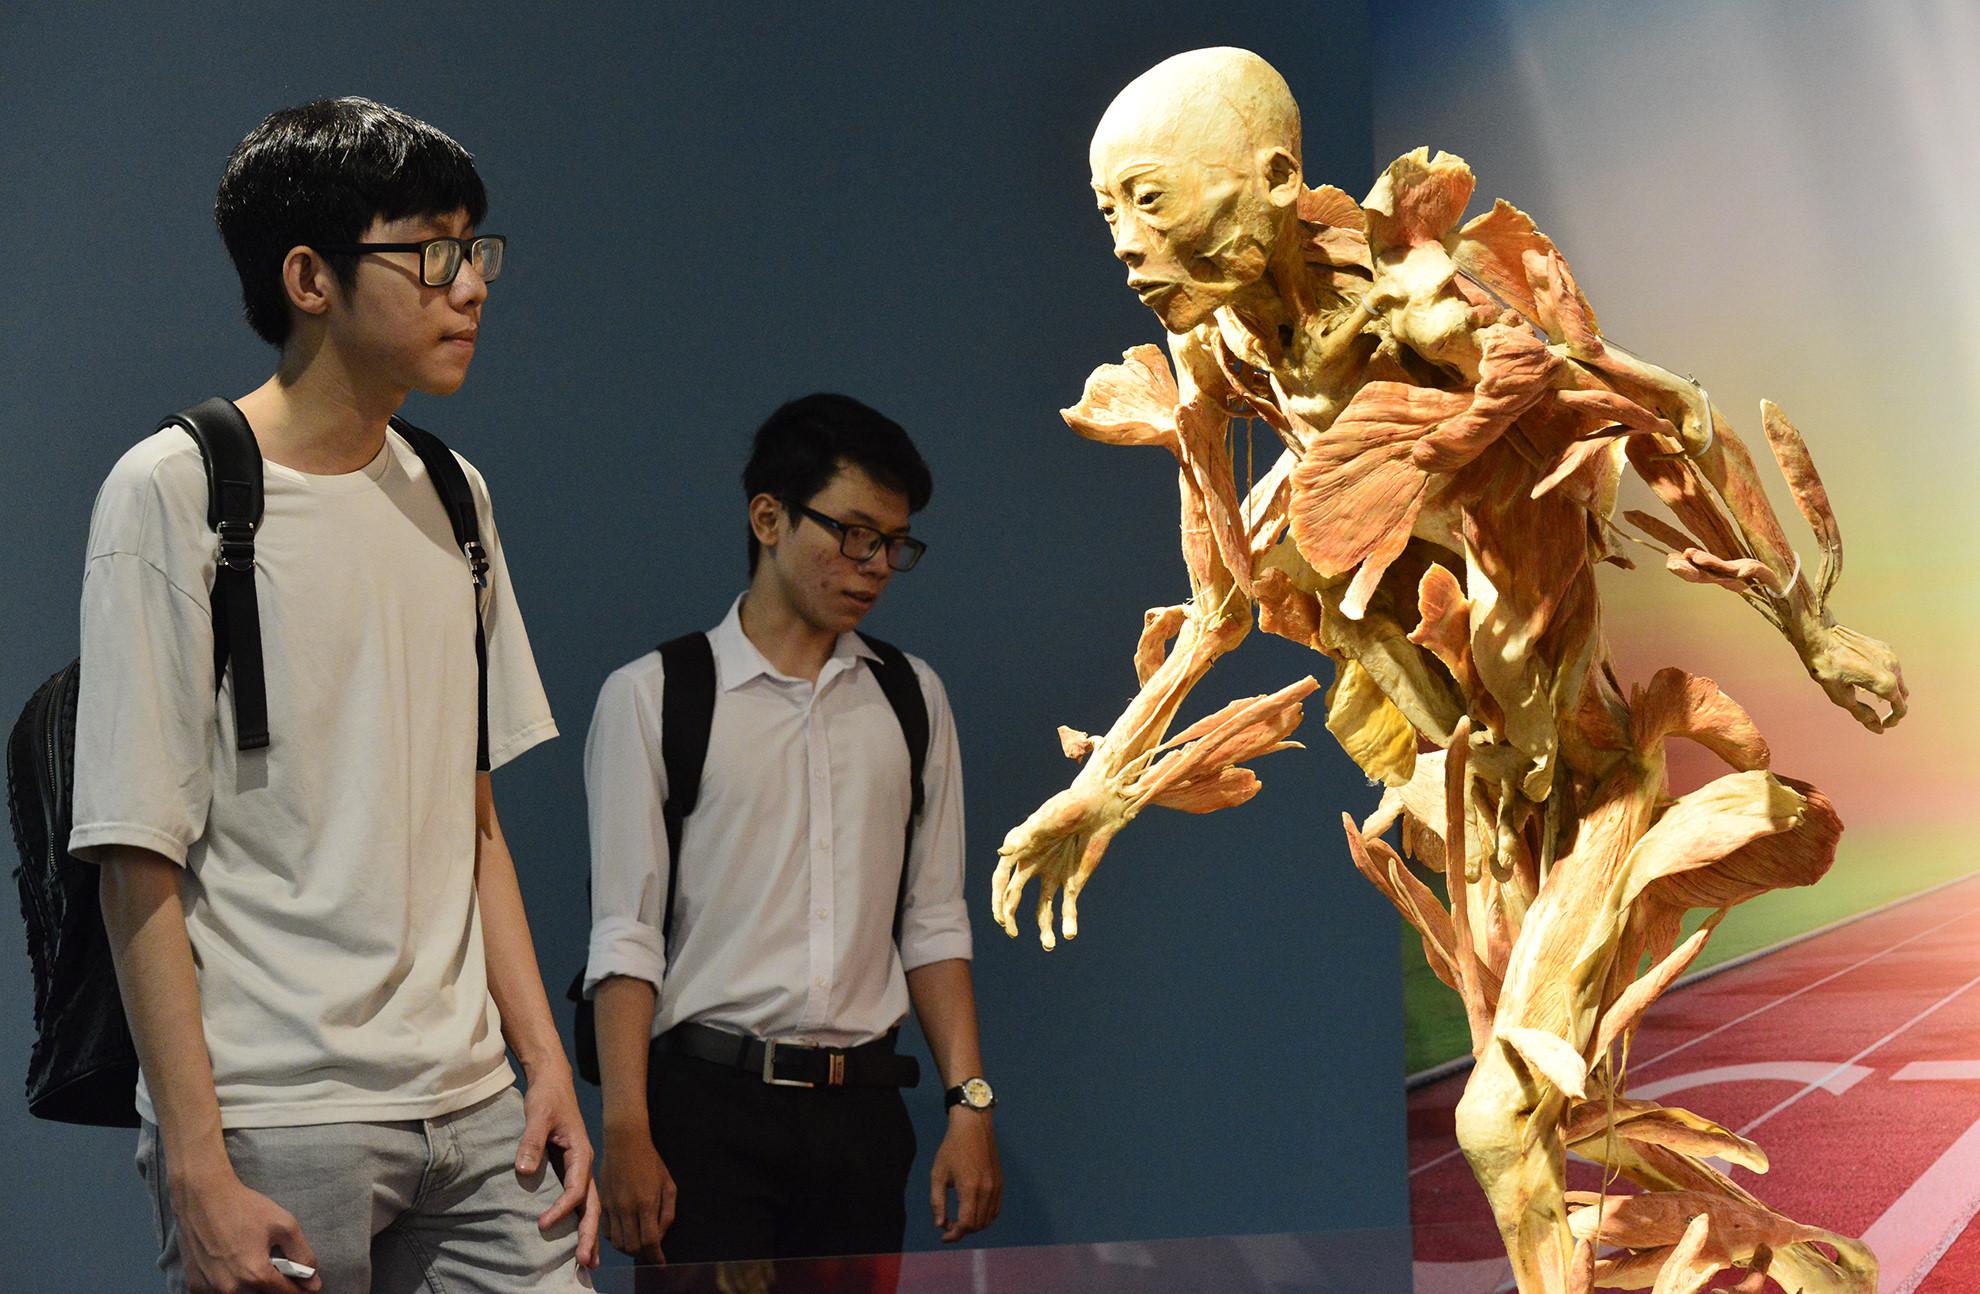 Triển lãm cơ thể người gây tranh cãi ở Sài Gòn?